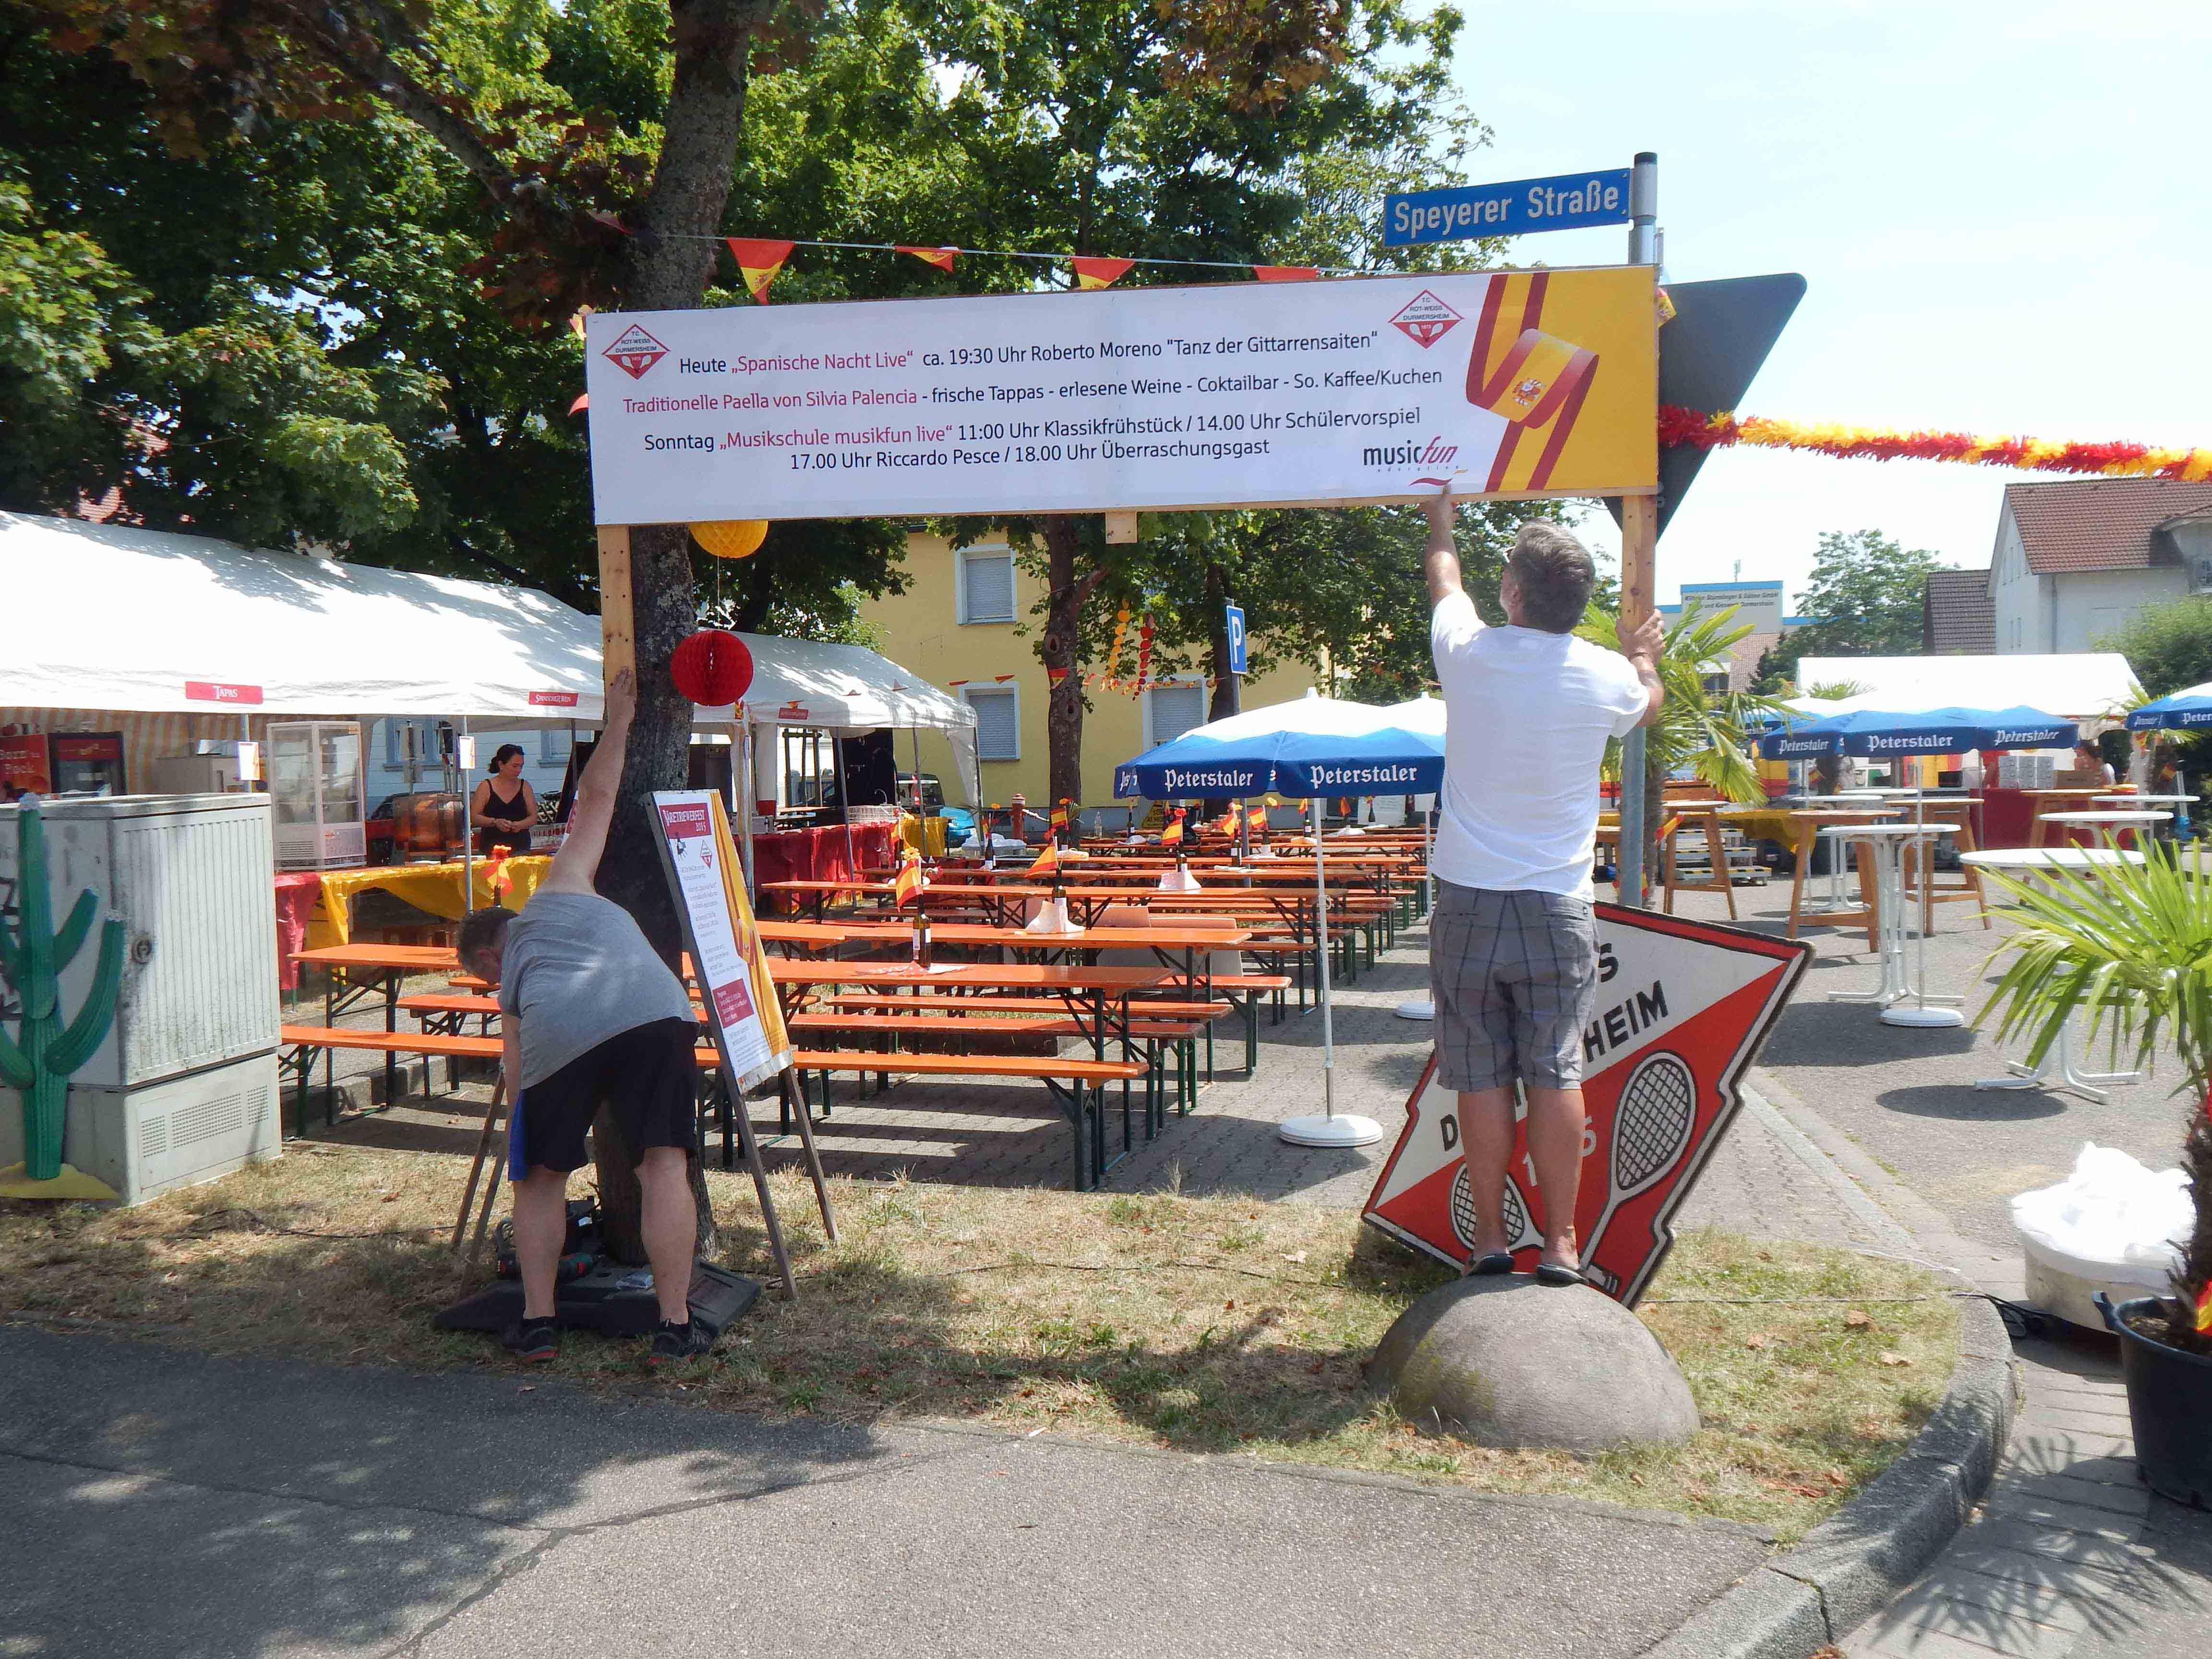 Baretriewer2015 004 Tennisclub Rot Weiss Durmersheim